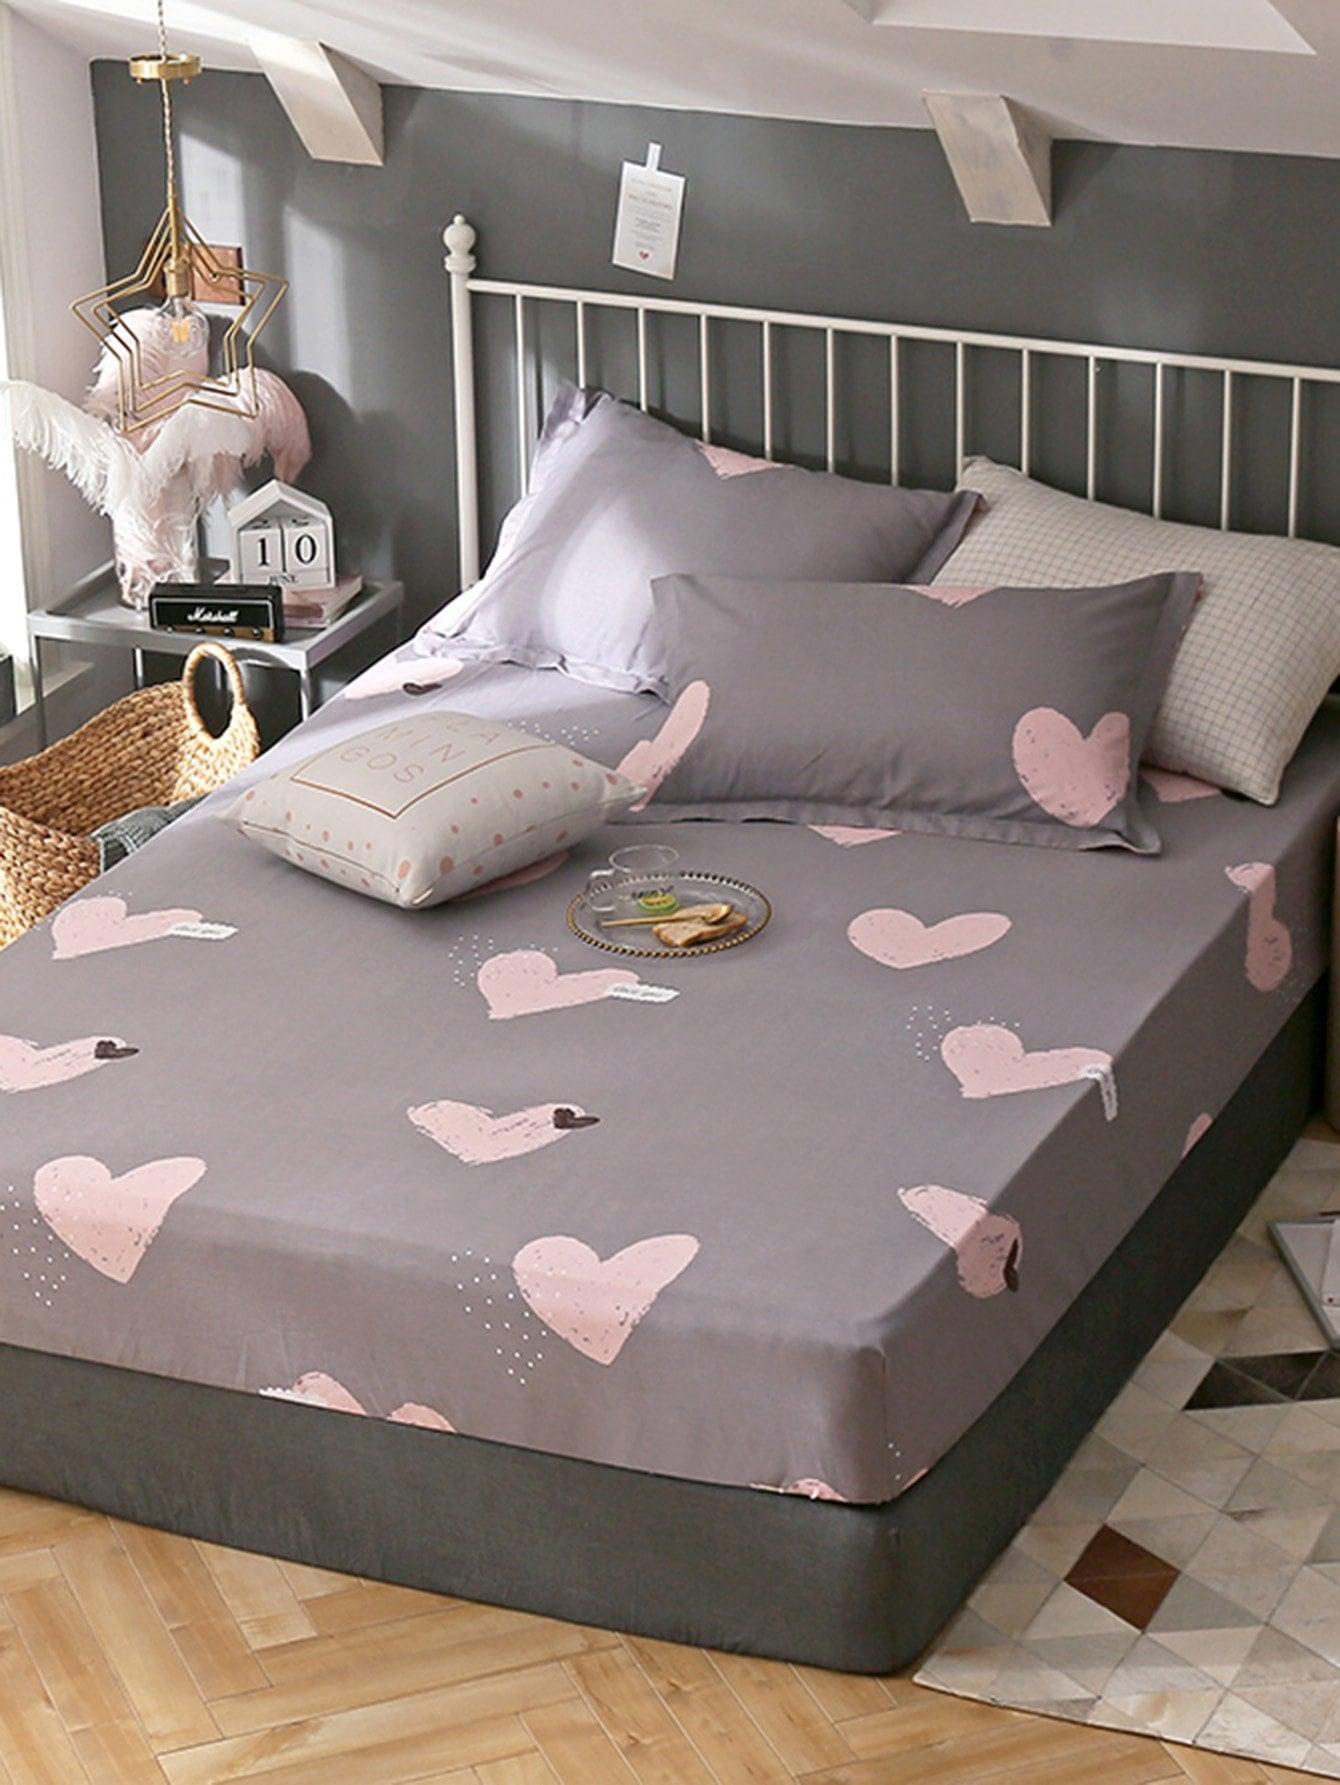 Купить Удобное постельное бельё с рисунками седцей 1 шт, null, SheIn